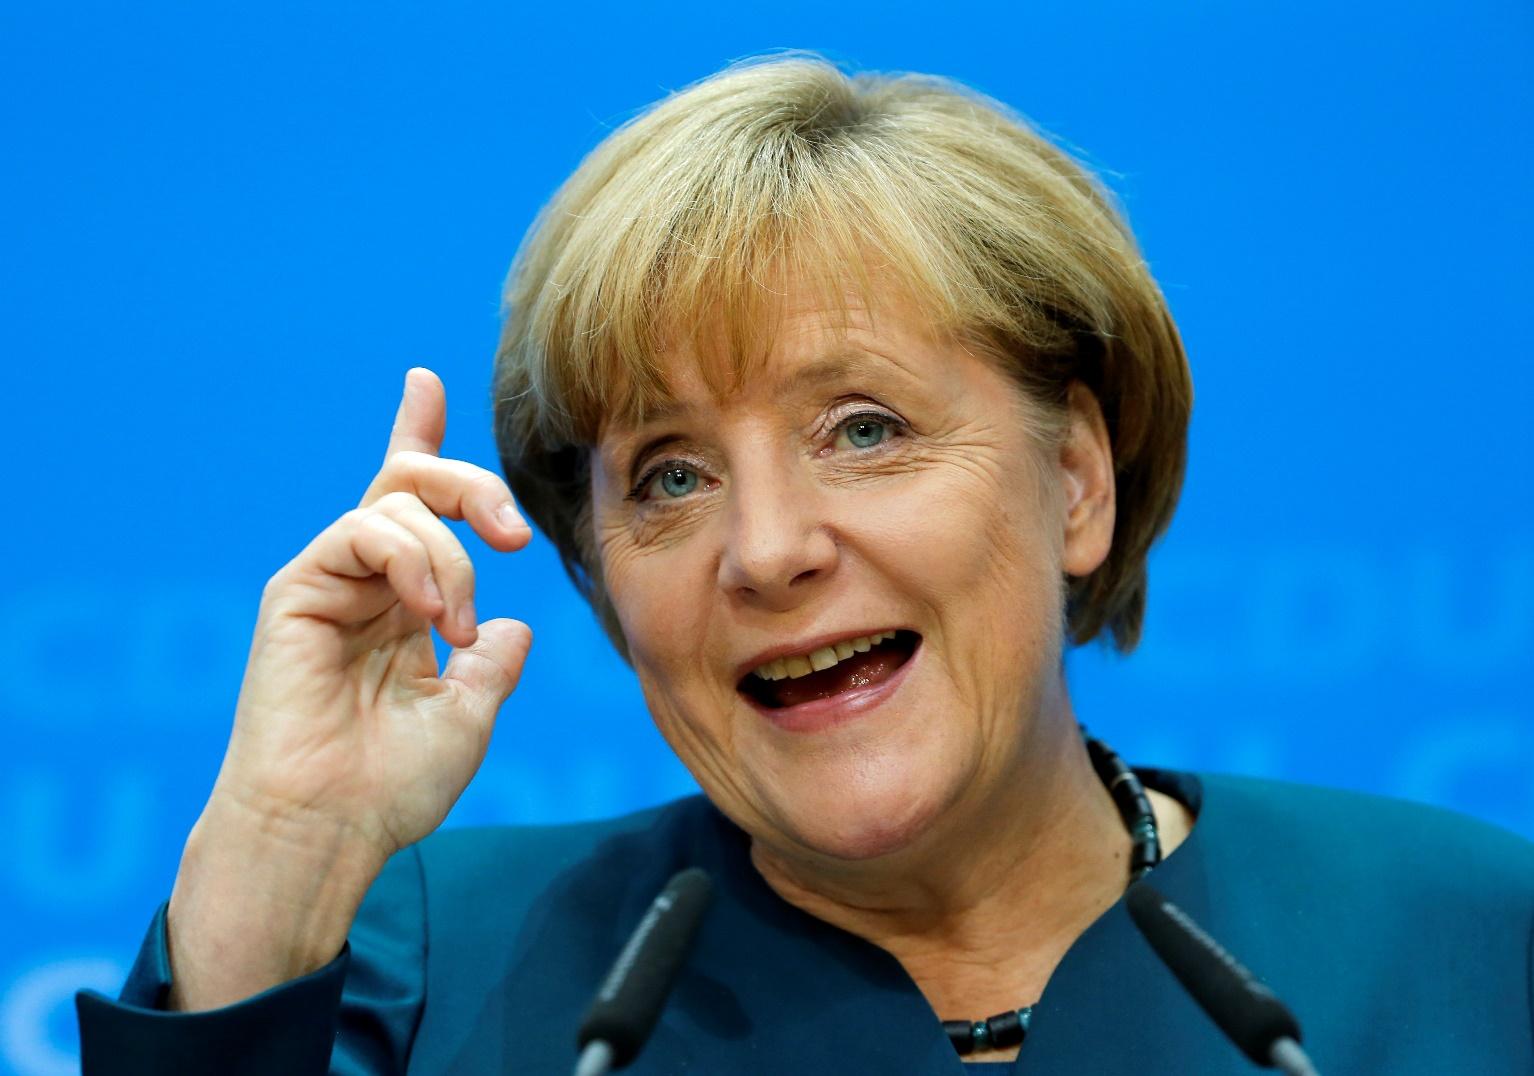 Μέρκελ: Καμία αλλαγή στην γερμανική πολιτική για την ευρωζώνη